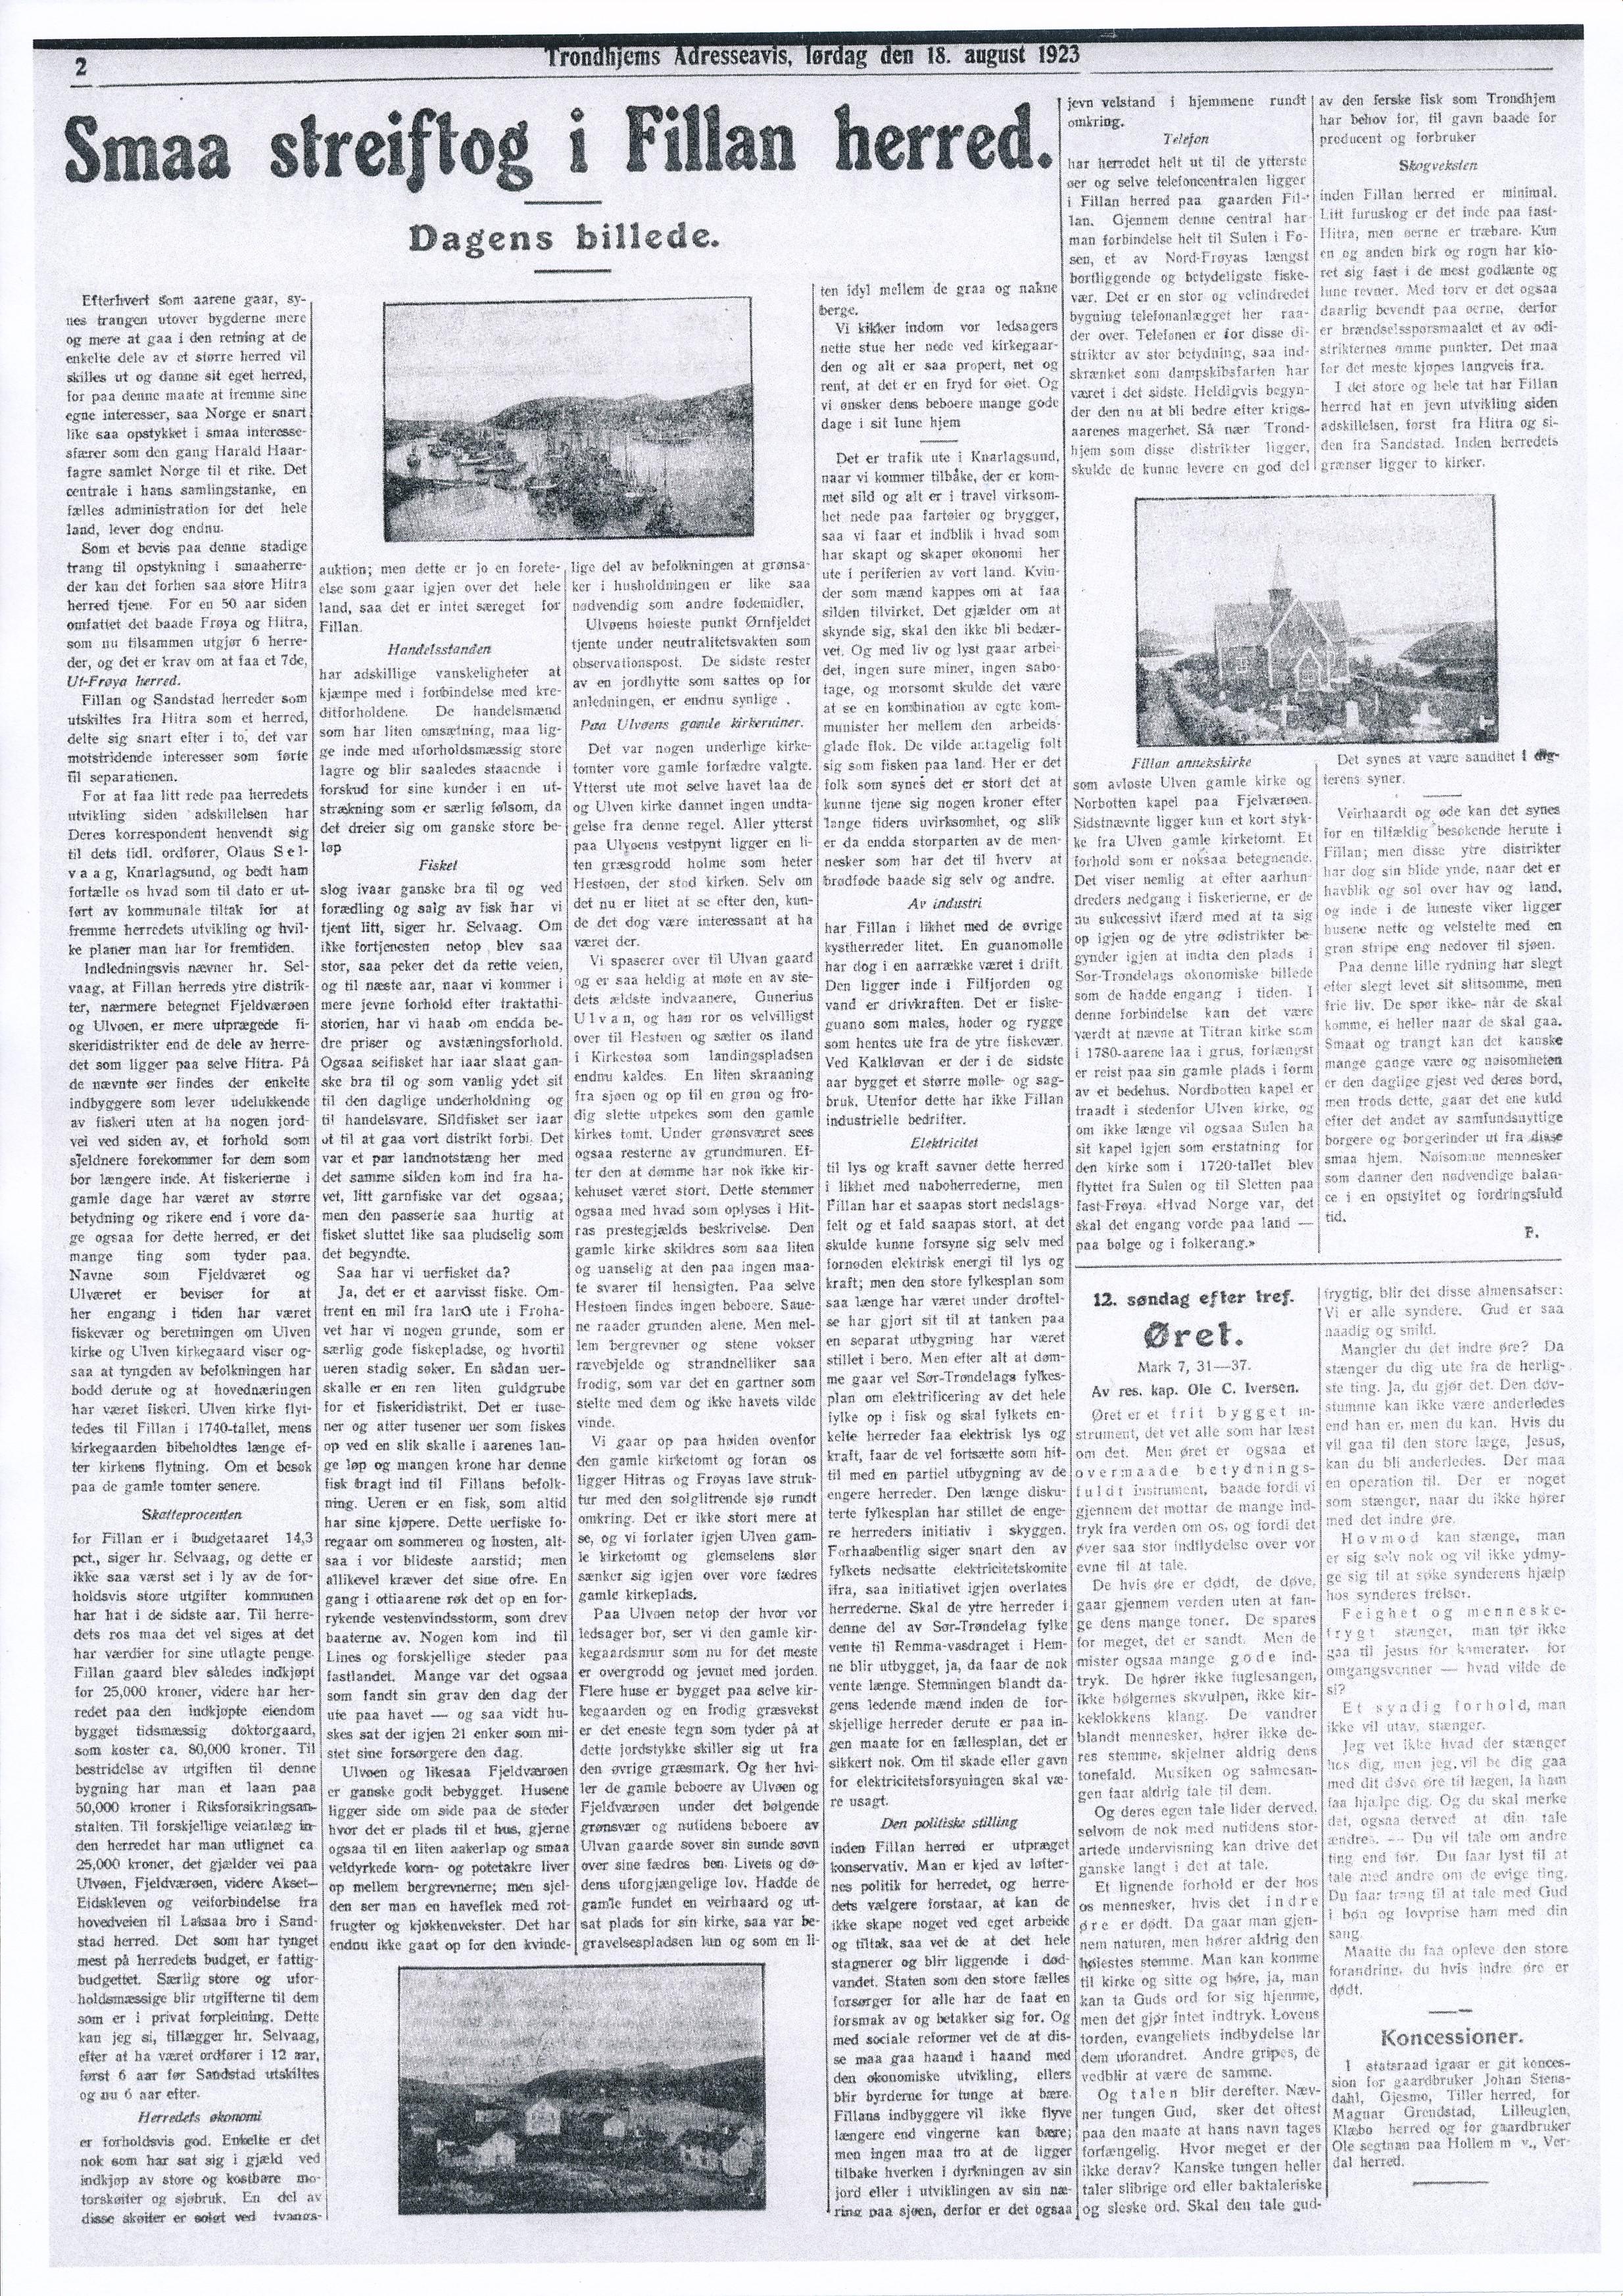 Fillan Herred, 1923.jpg